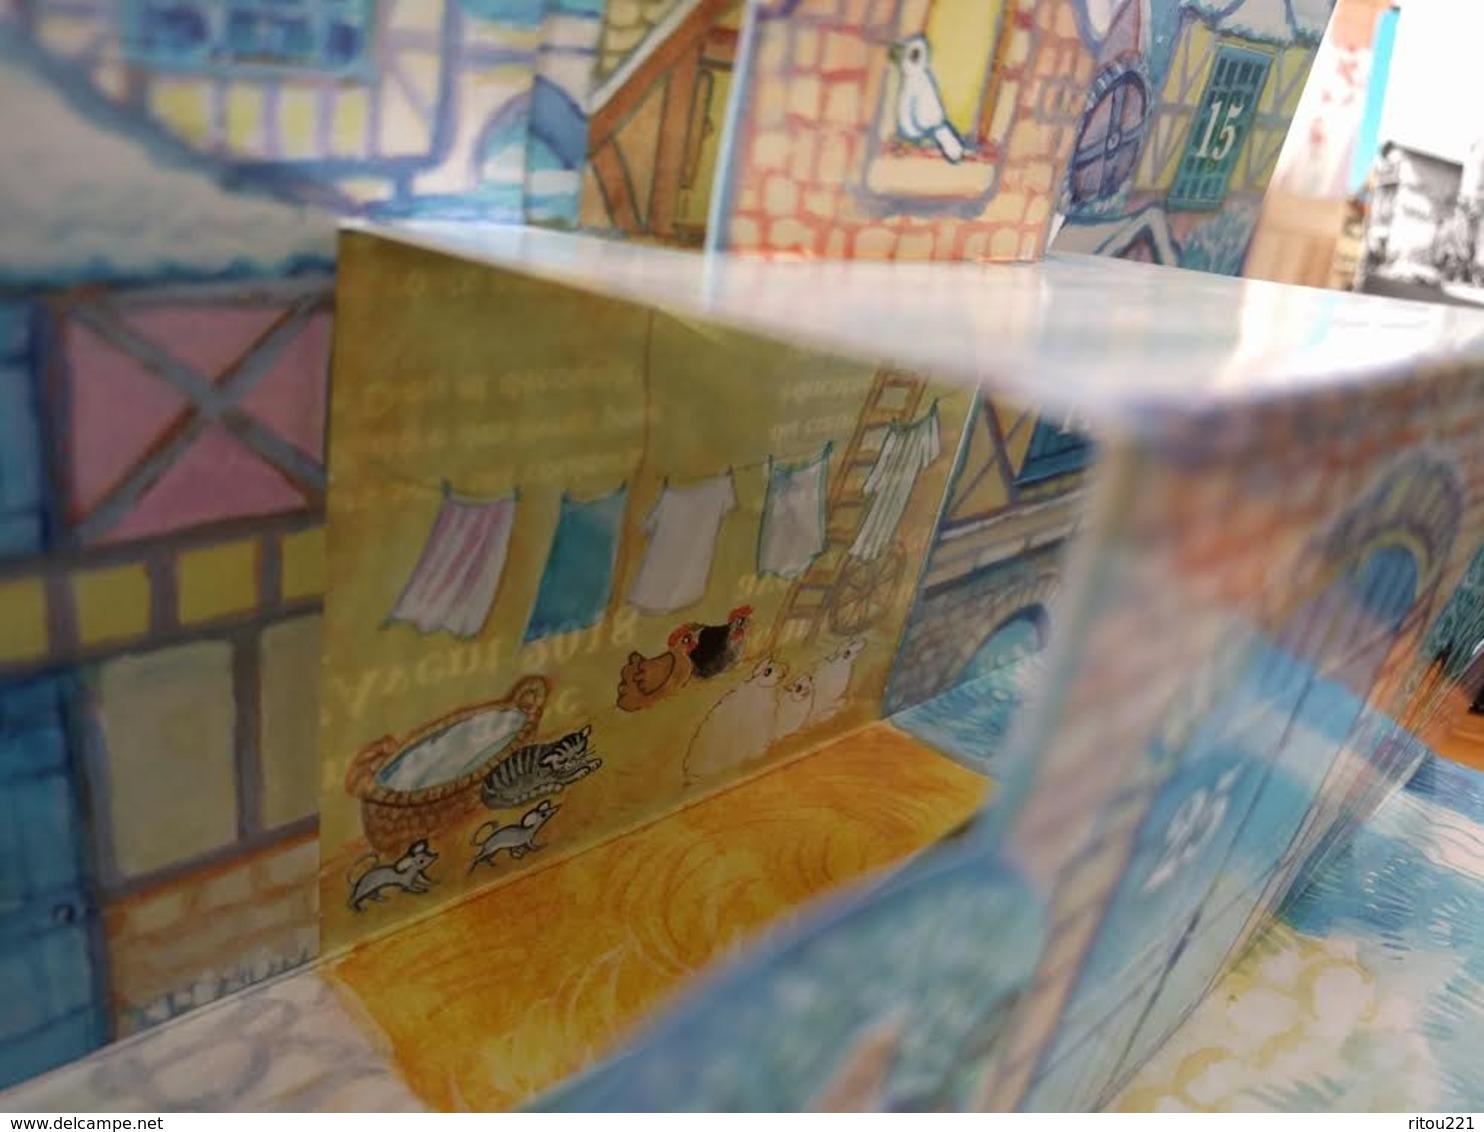 Grand Calendrier De L'Avent D'APPRENTIS D'AUTEUIL 2018 - Noel Illustration MAITE ROCHE Ours Peluche Chèvre CHAT SOURIS - Calendriers